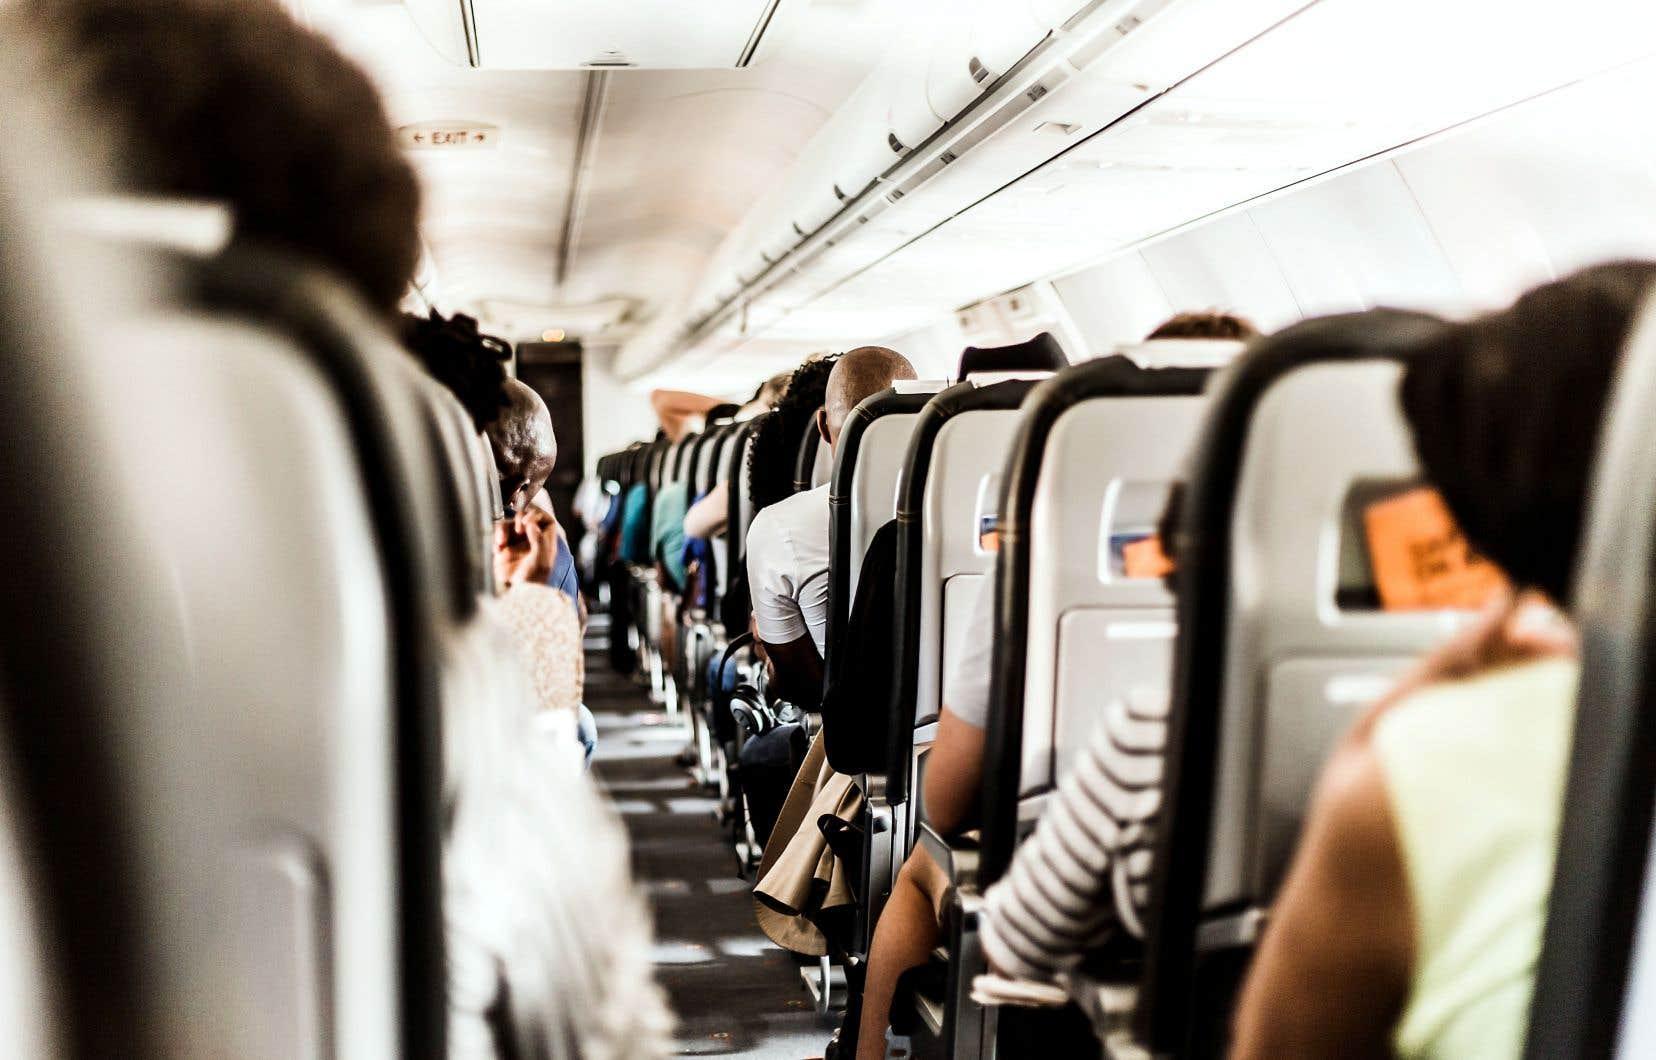 Les transporteurs aériens sont souvent les premiers à être montrés du doigt lorsqu'il est question l'empreinte écologique dans l'industrie touristique, mais ils tentent de réduire l'impact de leurs émissions de GES.